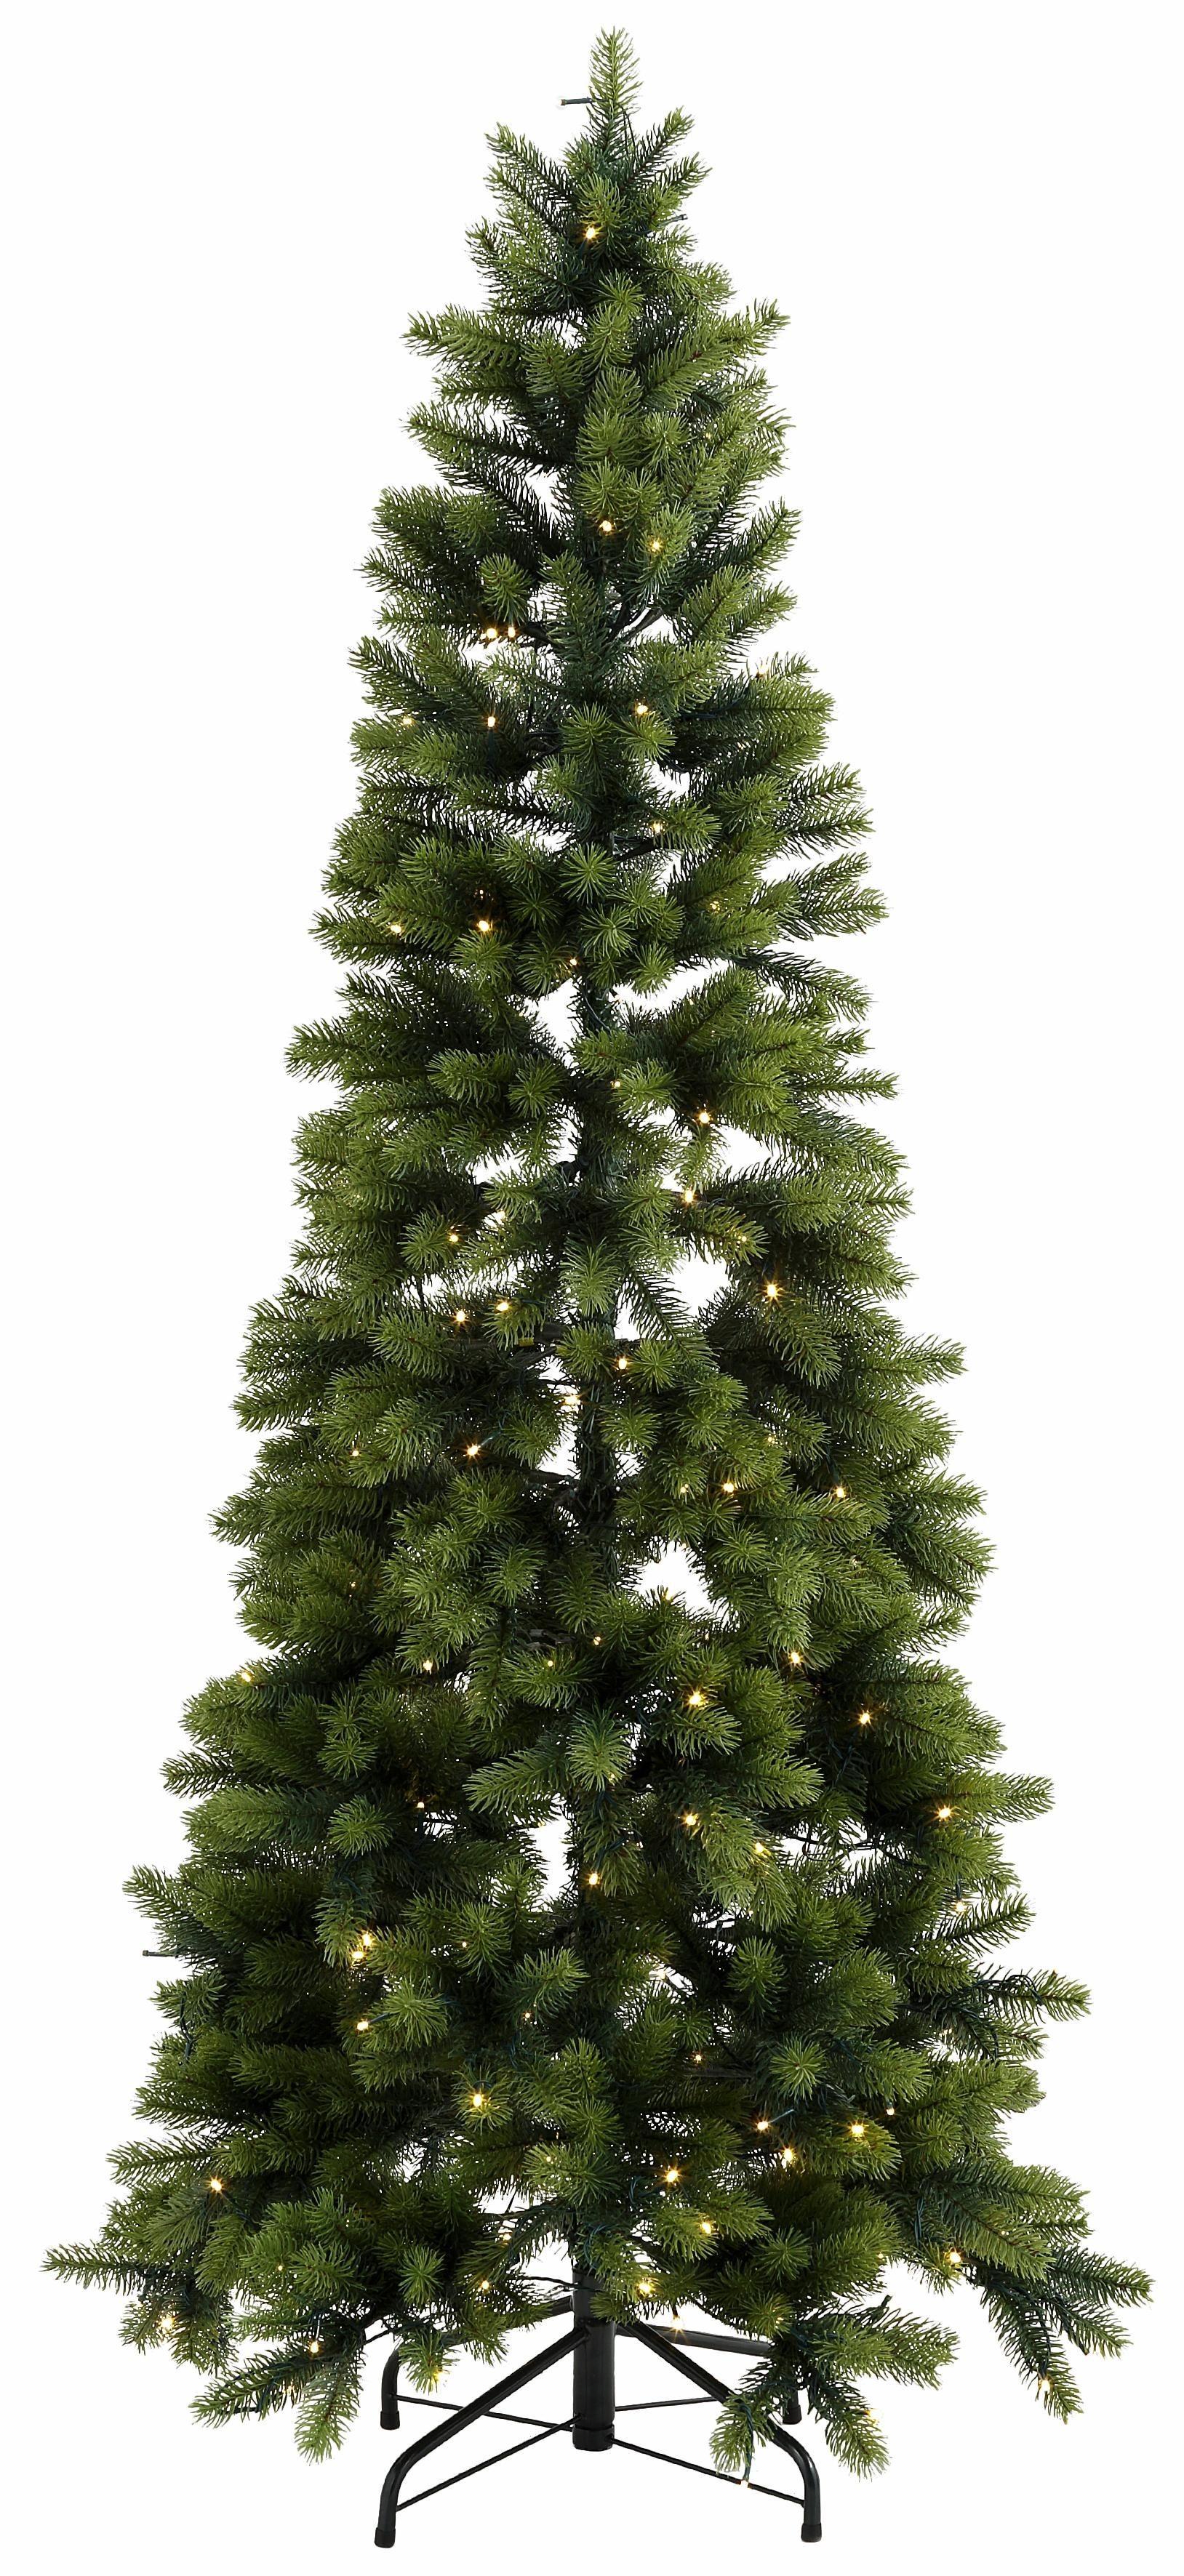 Tannenbaum Lichterkette Led.Led Weihnachtsbaum Lichterkette Preisvergleich Die Besten Angebote